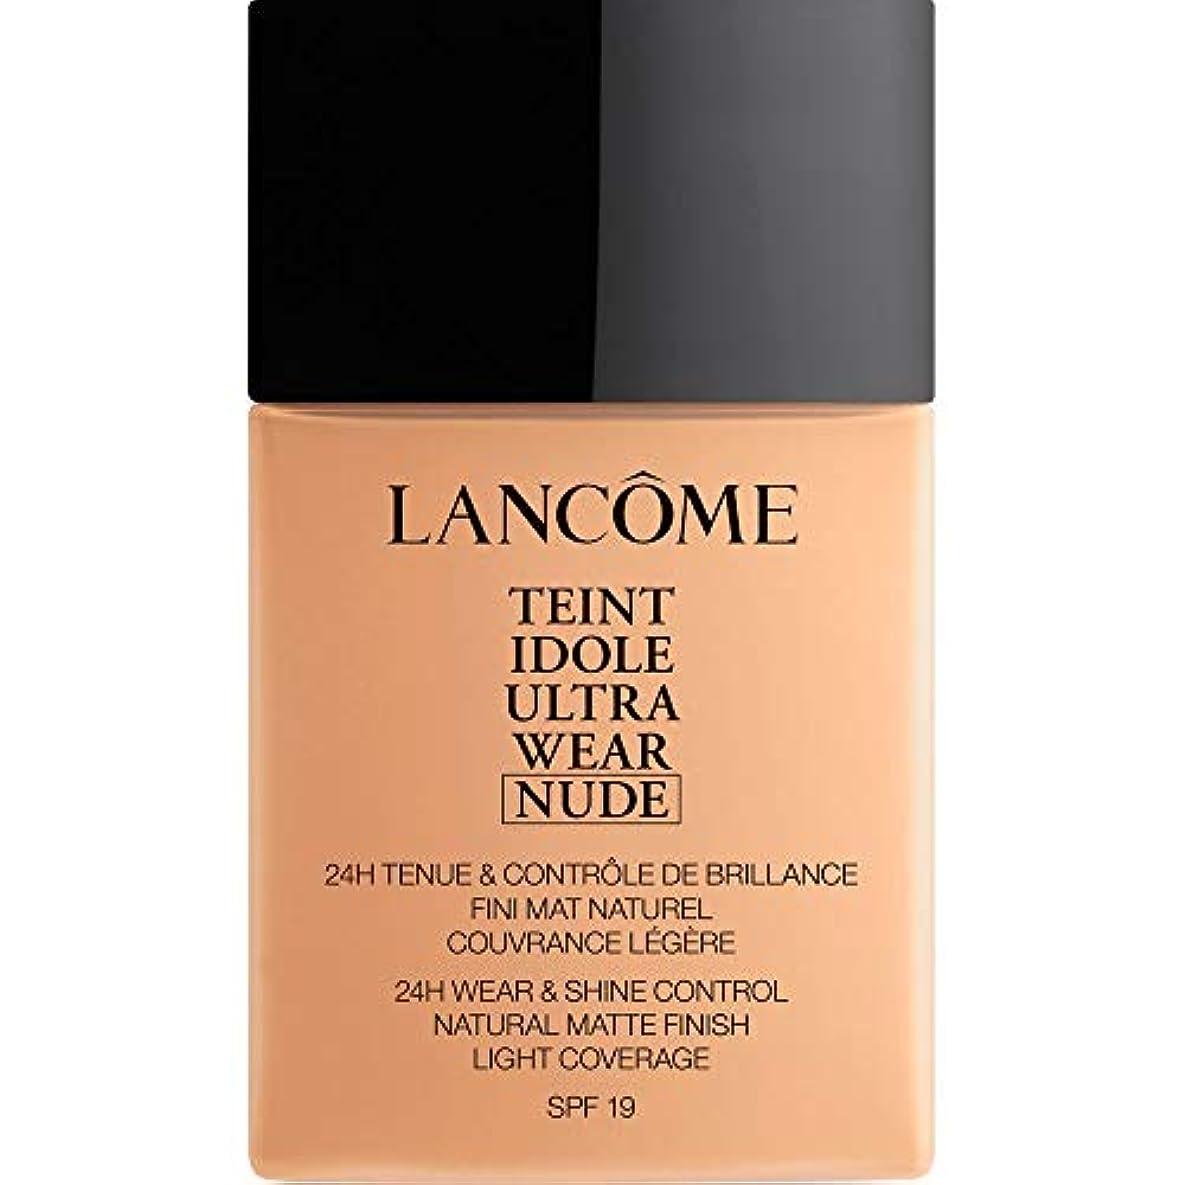 取り囲む印刷するバラバラにする[Lanc?me ] ランコムTeintのIdole超摩耗ヌード財団Spf19の40ミリリットル032 - ベージュCendre - Lancome Teint Idole Ultra Wear Nude Foundation...